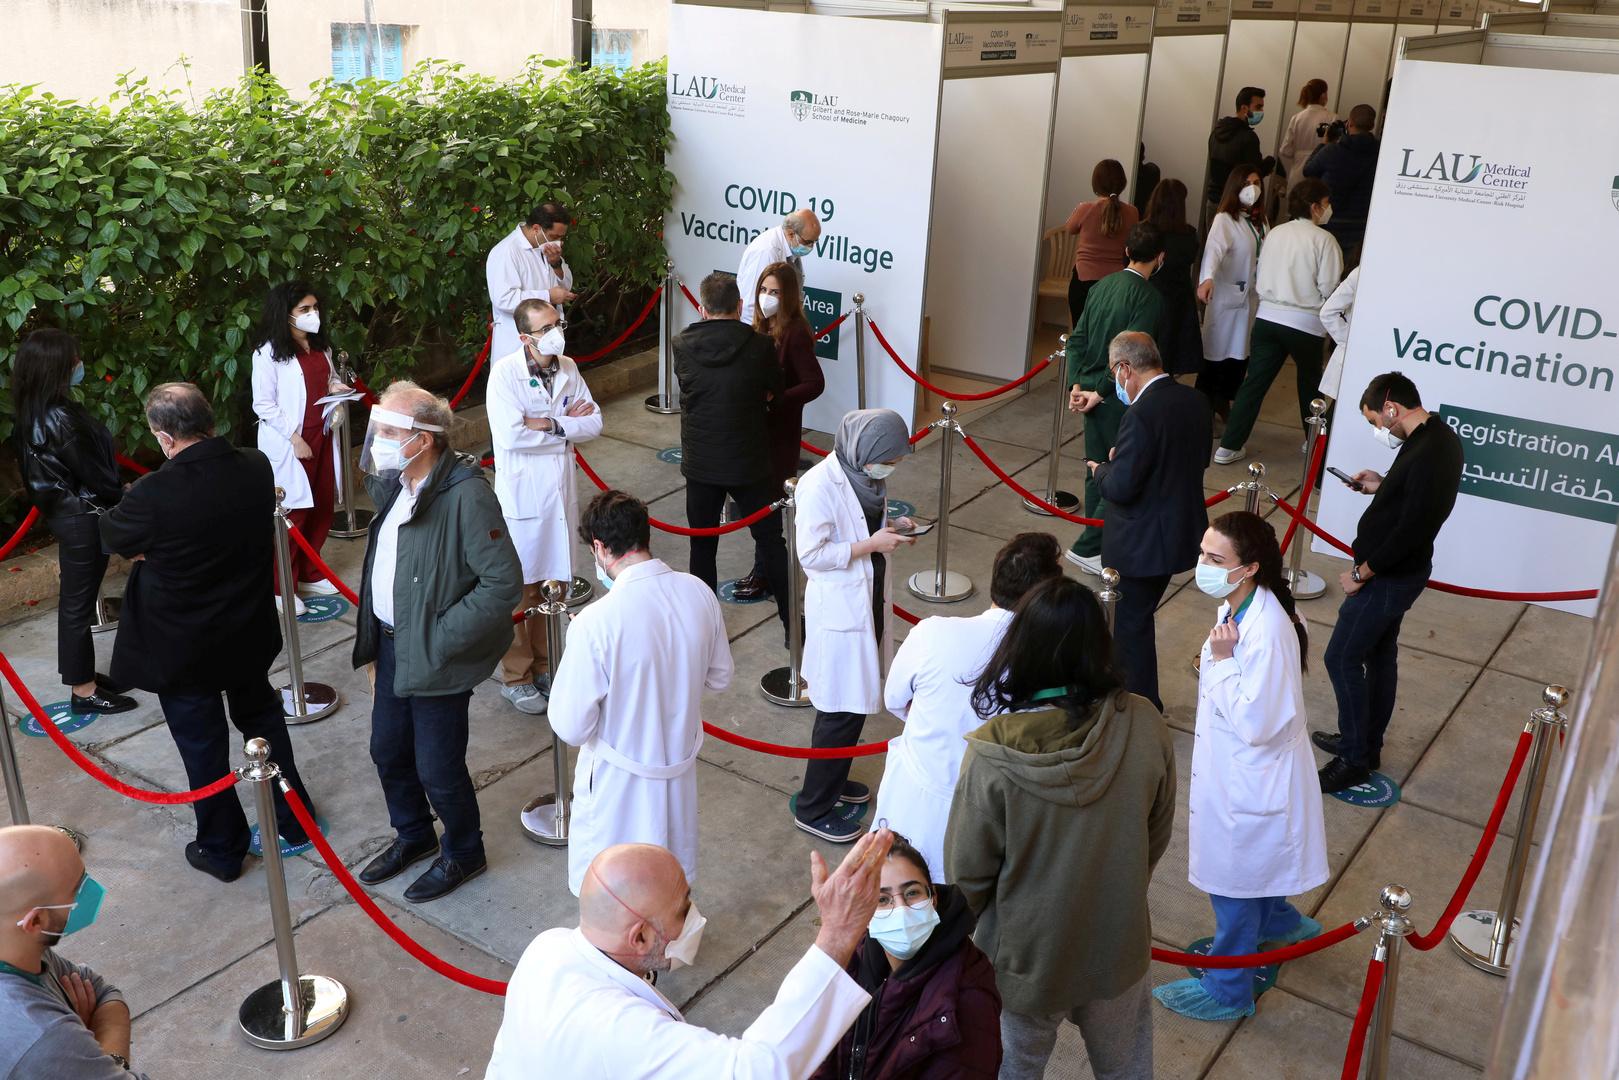 مسؤول لبناني: 1.5 مليون جرعة من لقاح